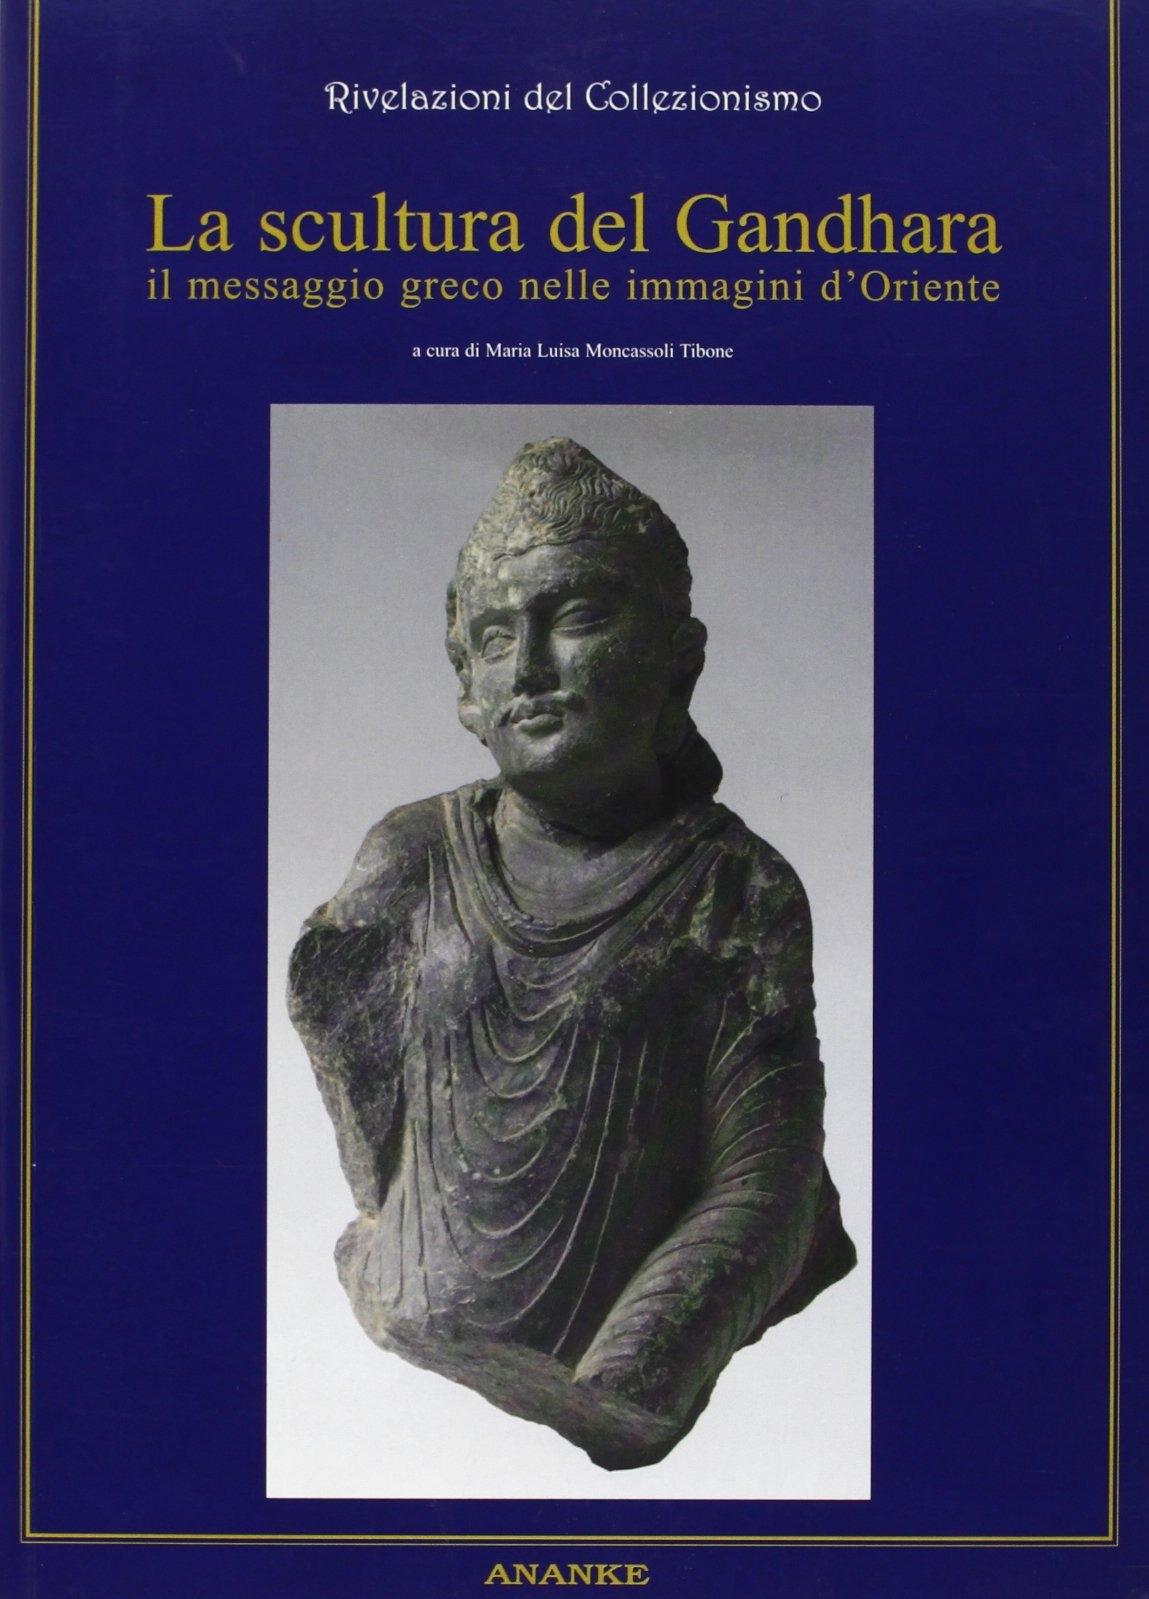 La scultura del Gandhara. Il messaggio greco nelle immagini d'Oriente